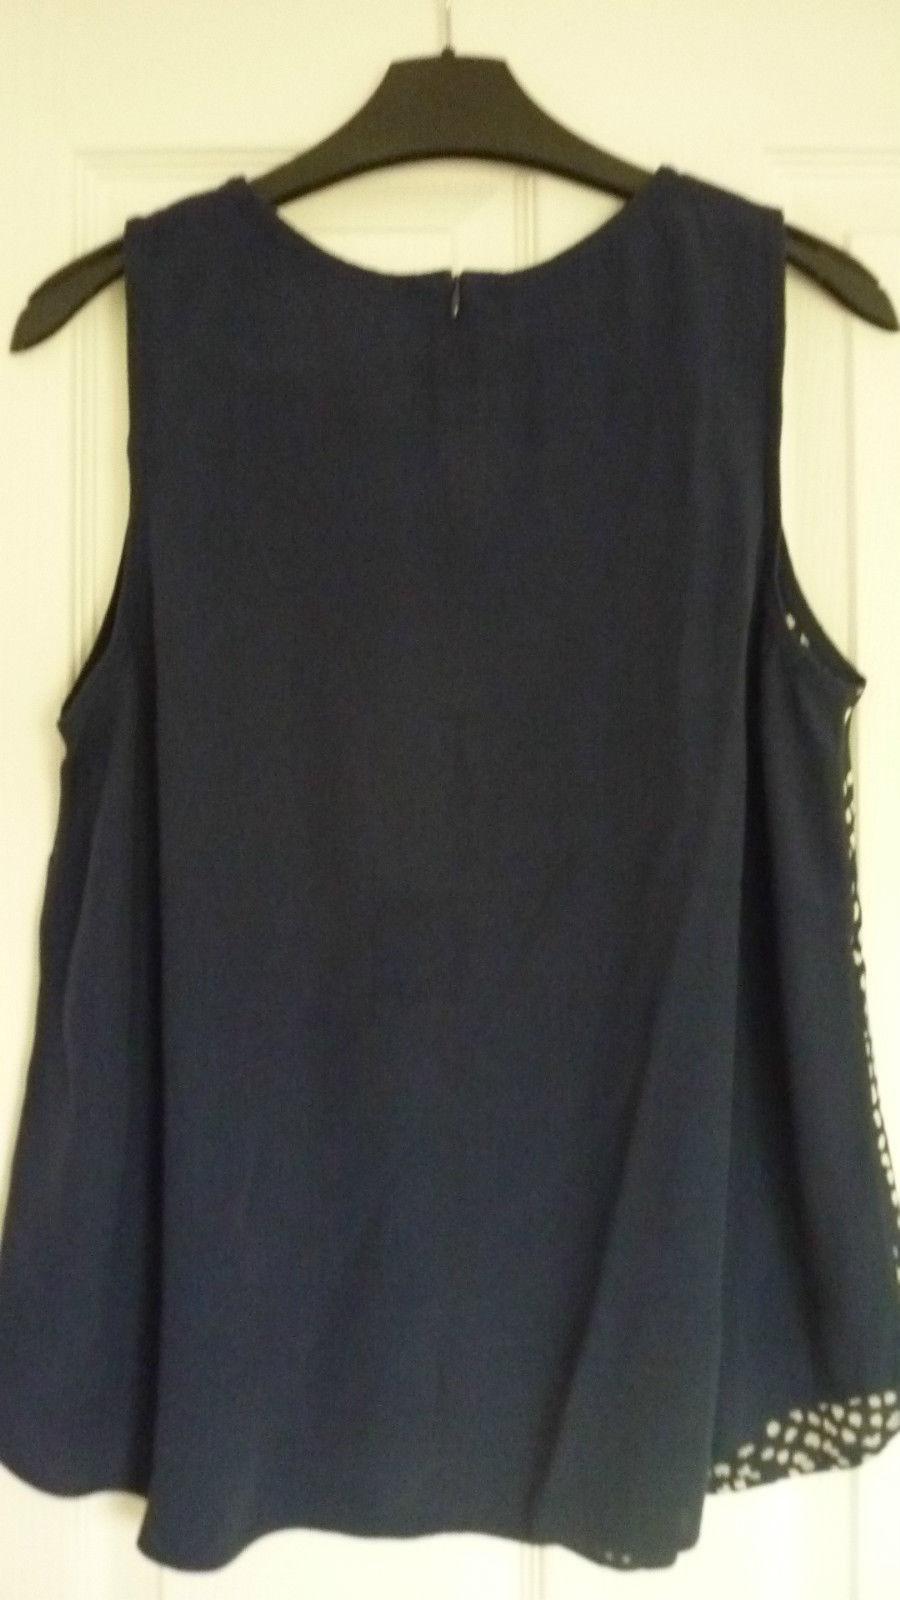 Топ синий Boden 44 46 блузка 89036637918 купить 4